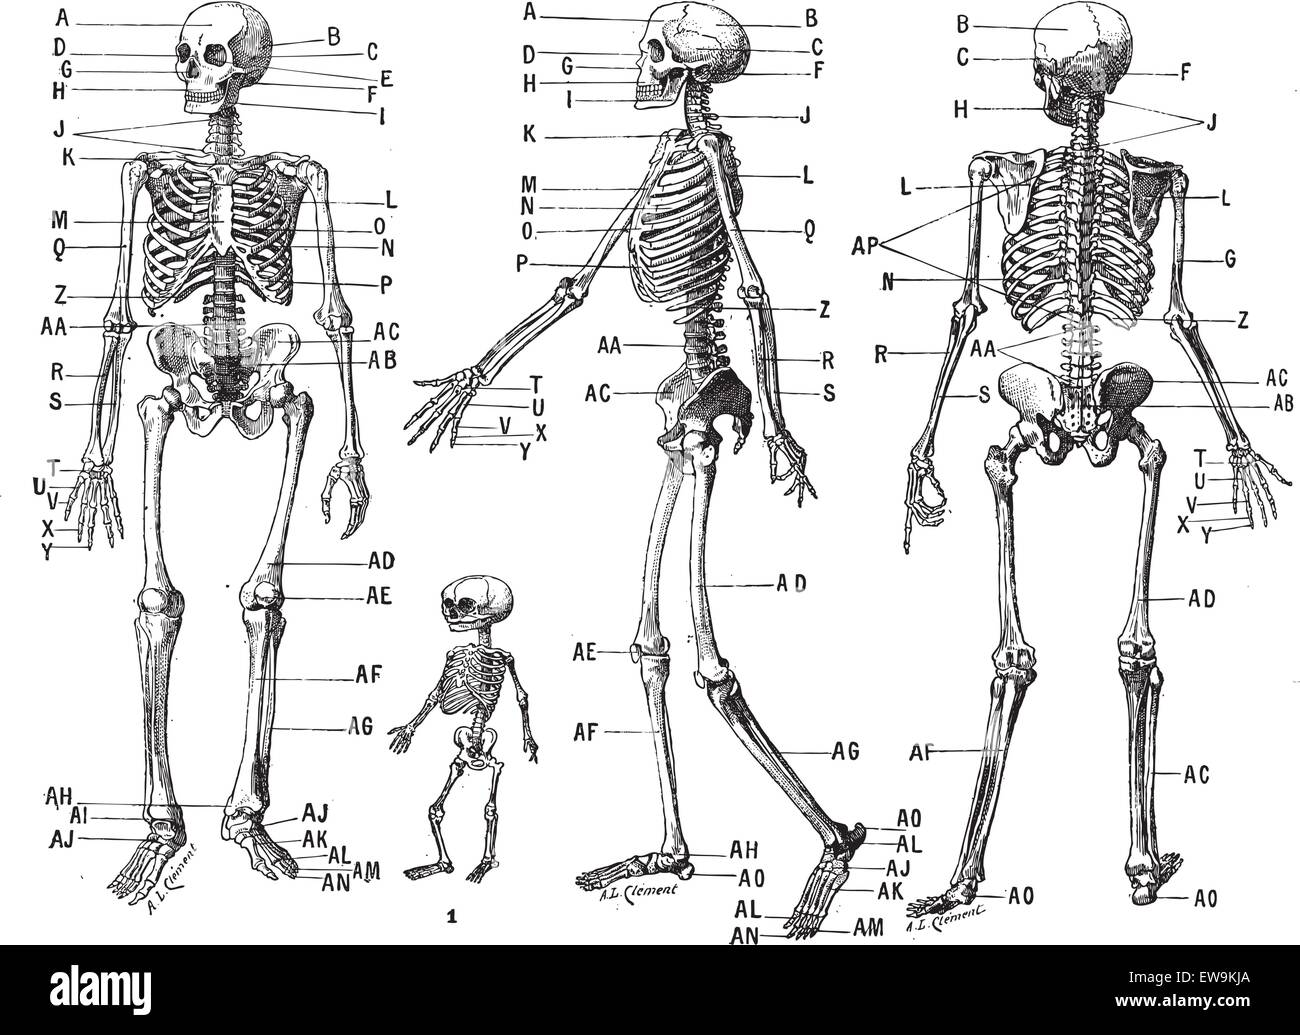 Ziemlich Menschliches Skelett Diagramm Für Kinder Ideen - Anatomie ...